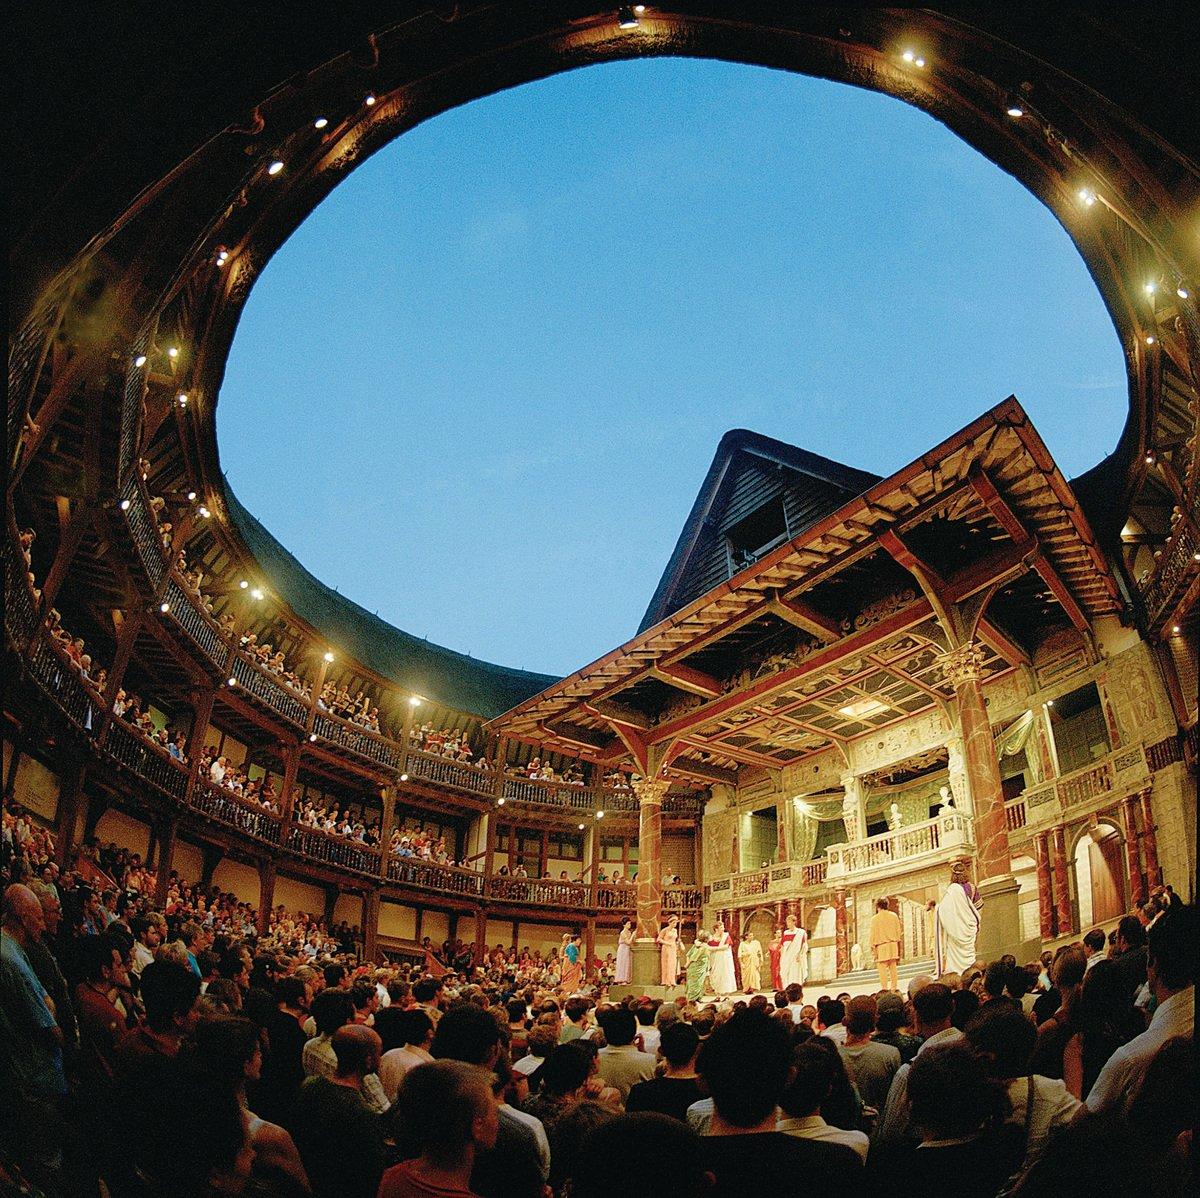 在環球劇場,仰望四百年同一片天。 (網絡圖片)